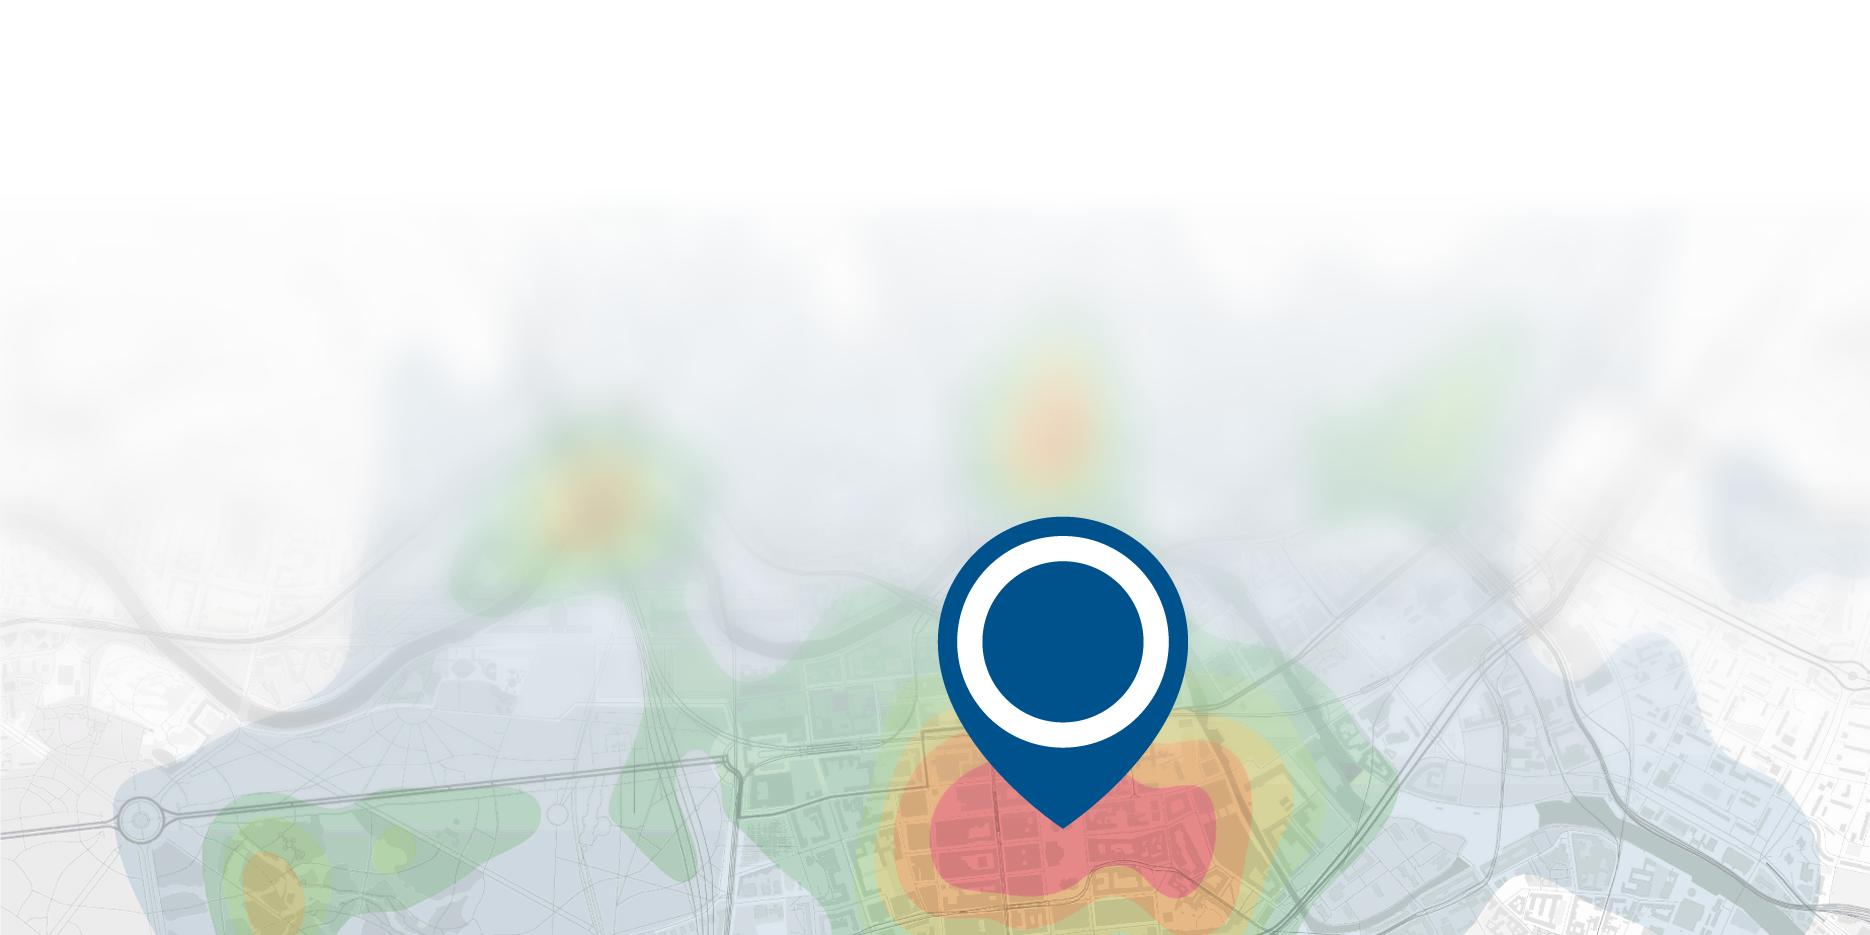 Die Experten von Geospin identifizieren ideale Standorte für Ladesäulen mittels einer Heatmap © Geospin